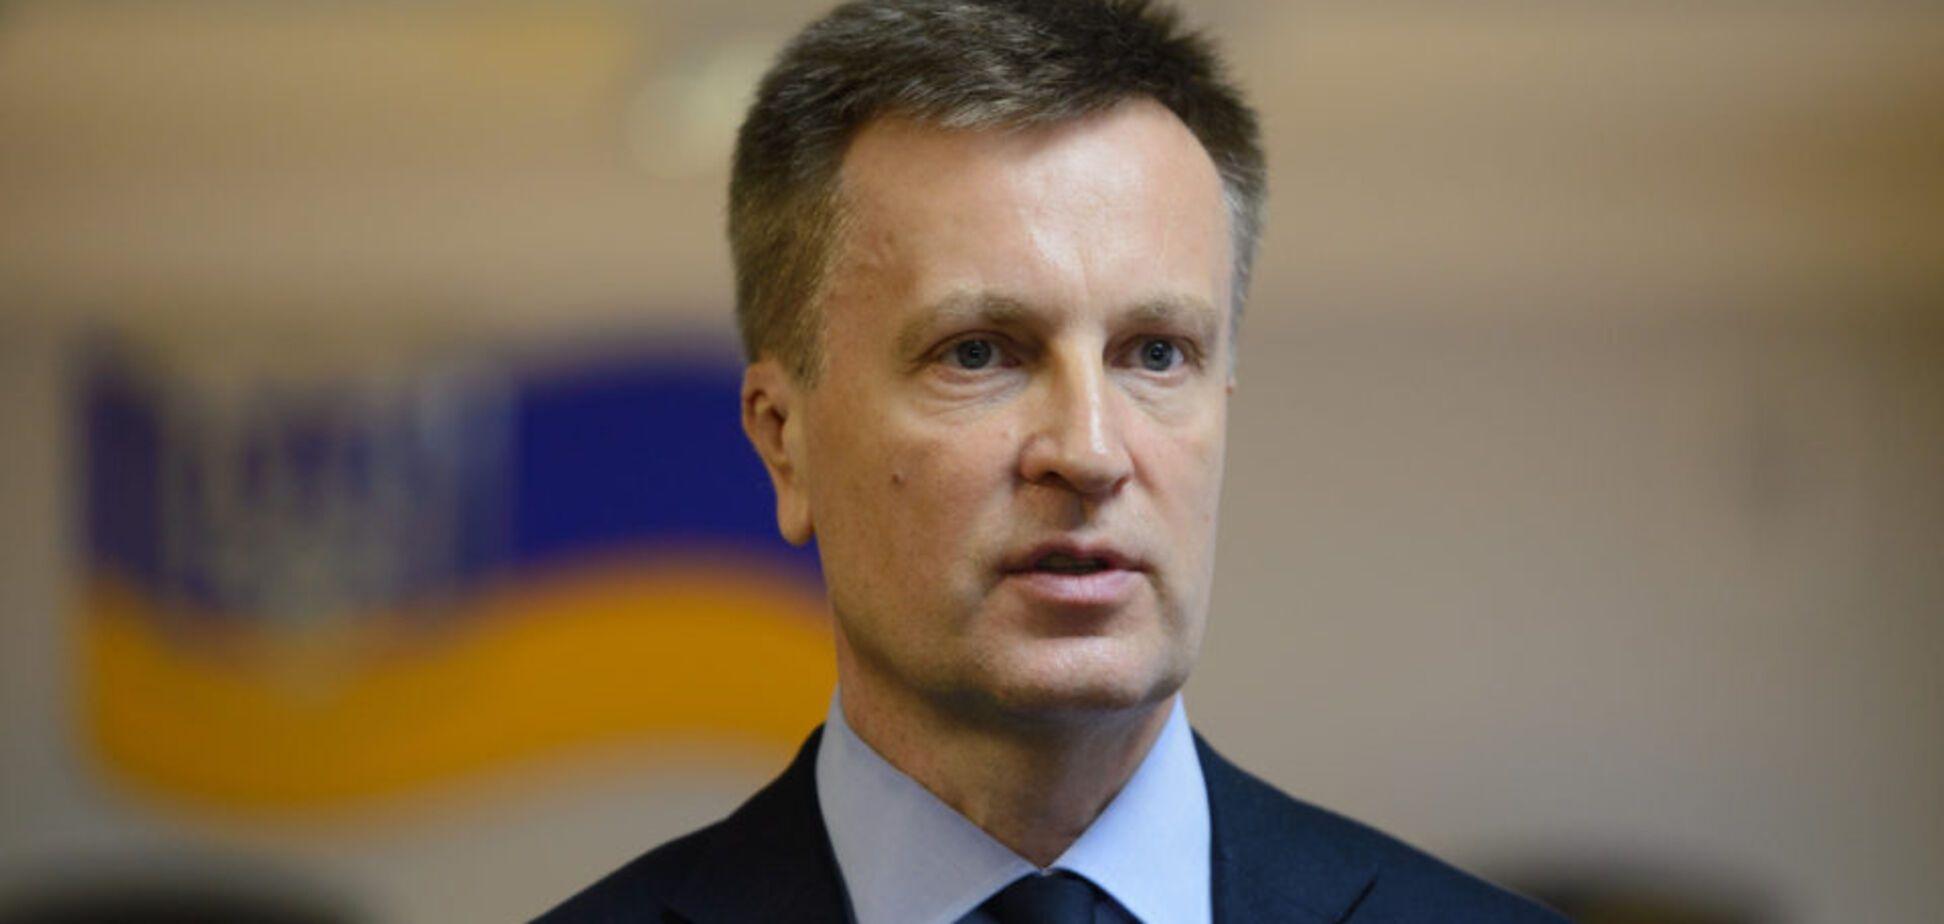 Наливайченко сообщил, что ВСК ВРУ проверяет декларации членов Тарифнойкомиссии НКРЭКУ